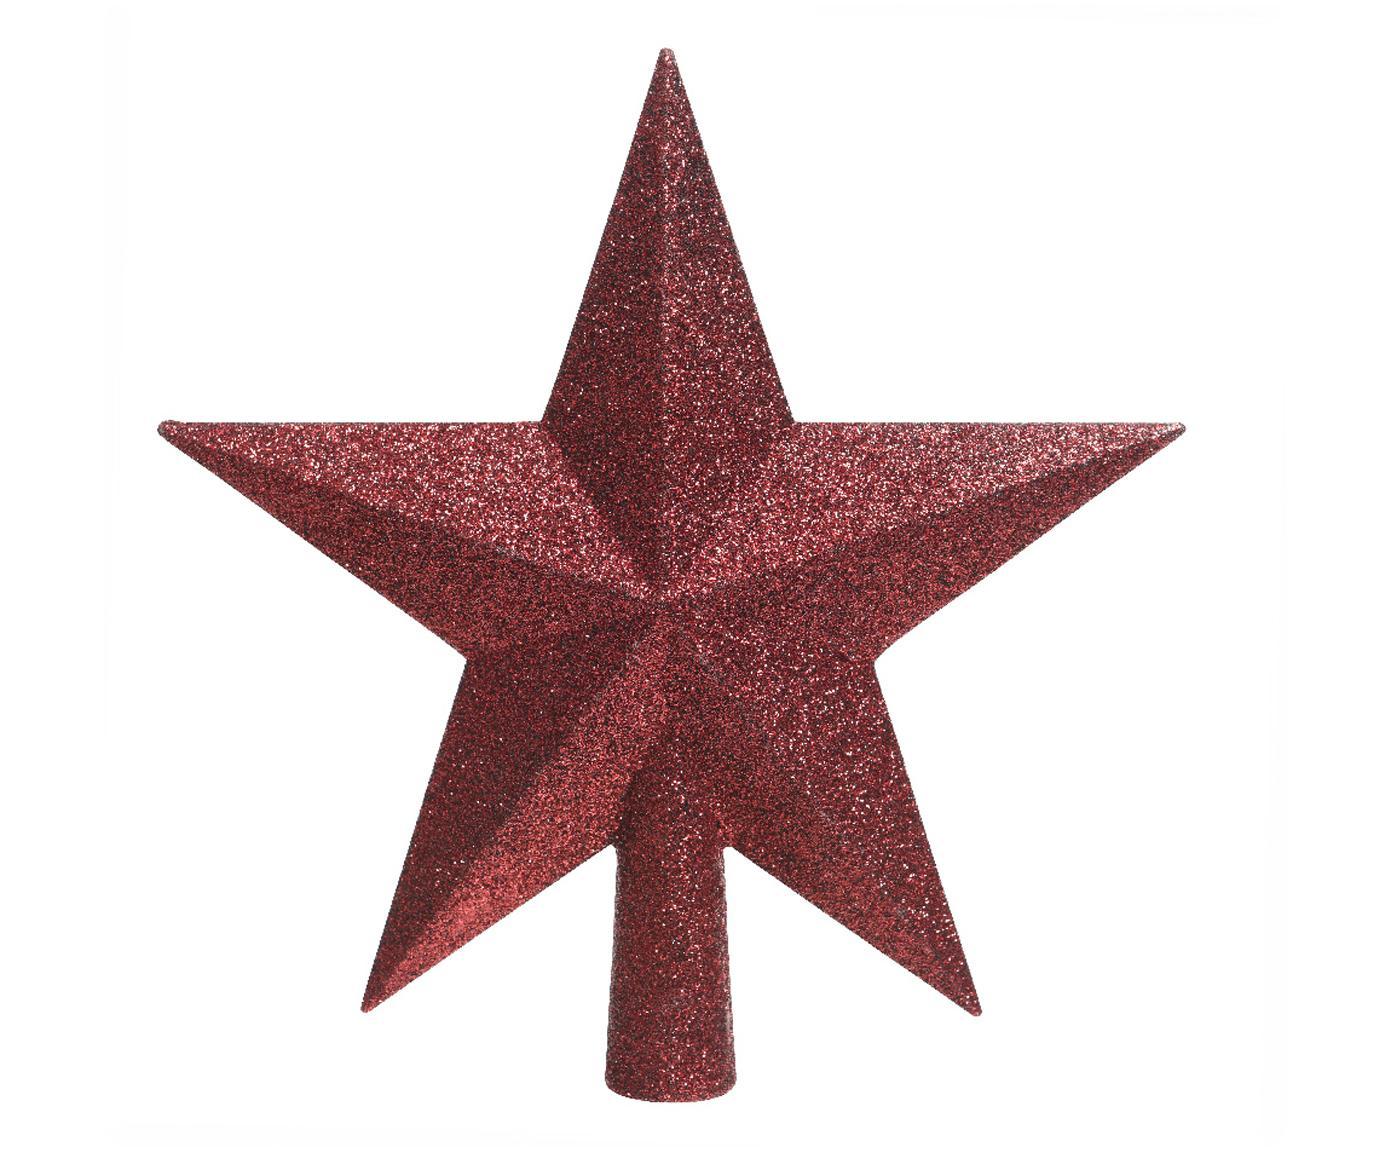 Weihnachtsbaumspitze Stern, Kunststoff, Glitzer, Rot, 19 x 19 cm